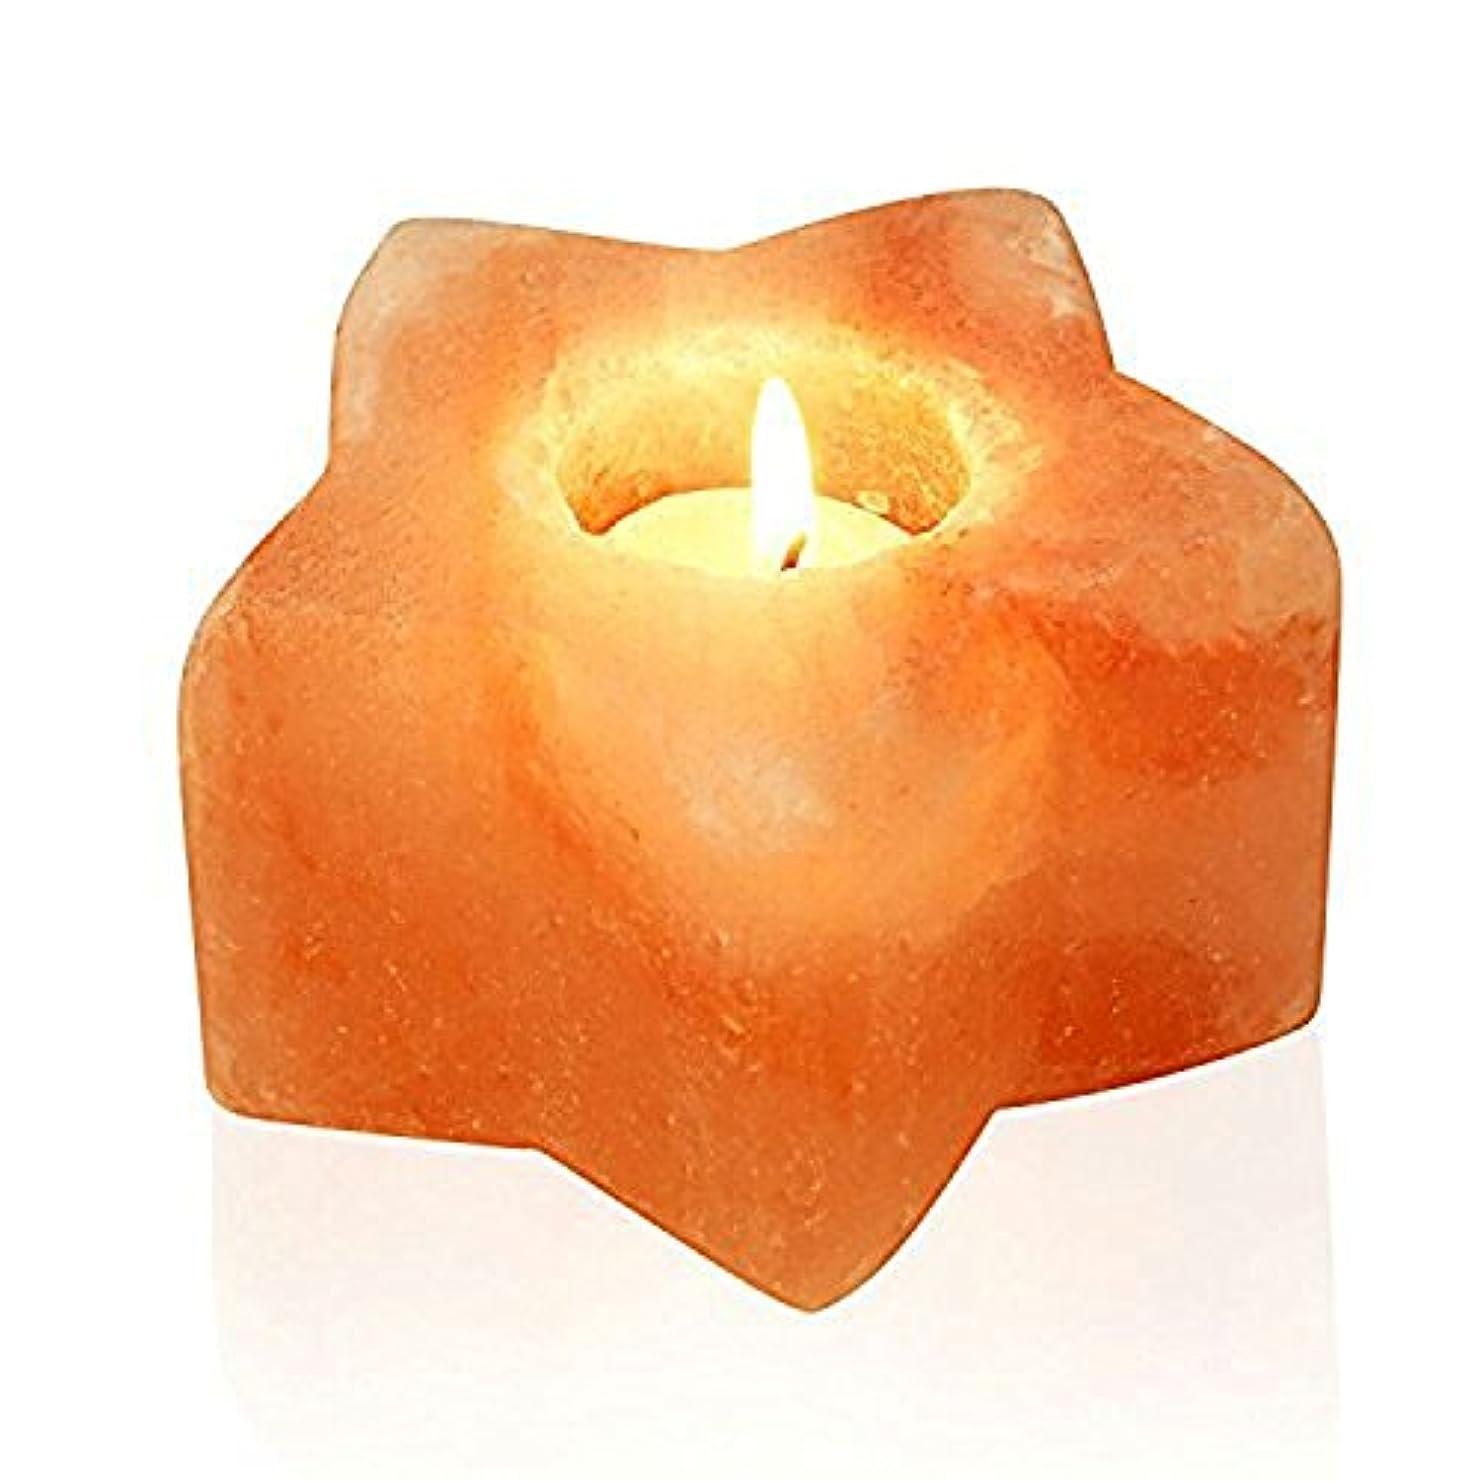 しょっぱい分類する蒸し器ヒマラヤ岩塩 キャンドルホルダー ソルトキャンドルスタンド 蝋燭台4個セット ろうそく8枚付き 結婚式 ウェディング 誕生日 キャンドルライト おしゃれ インテリア 仏壇 バレンタイン